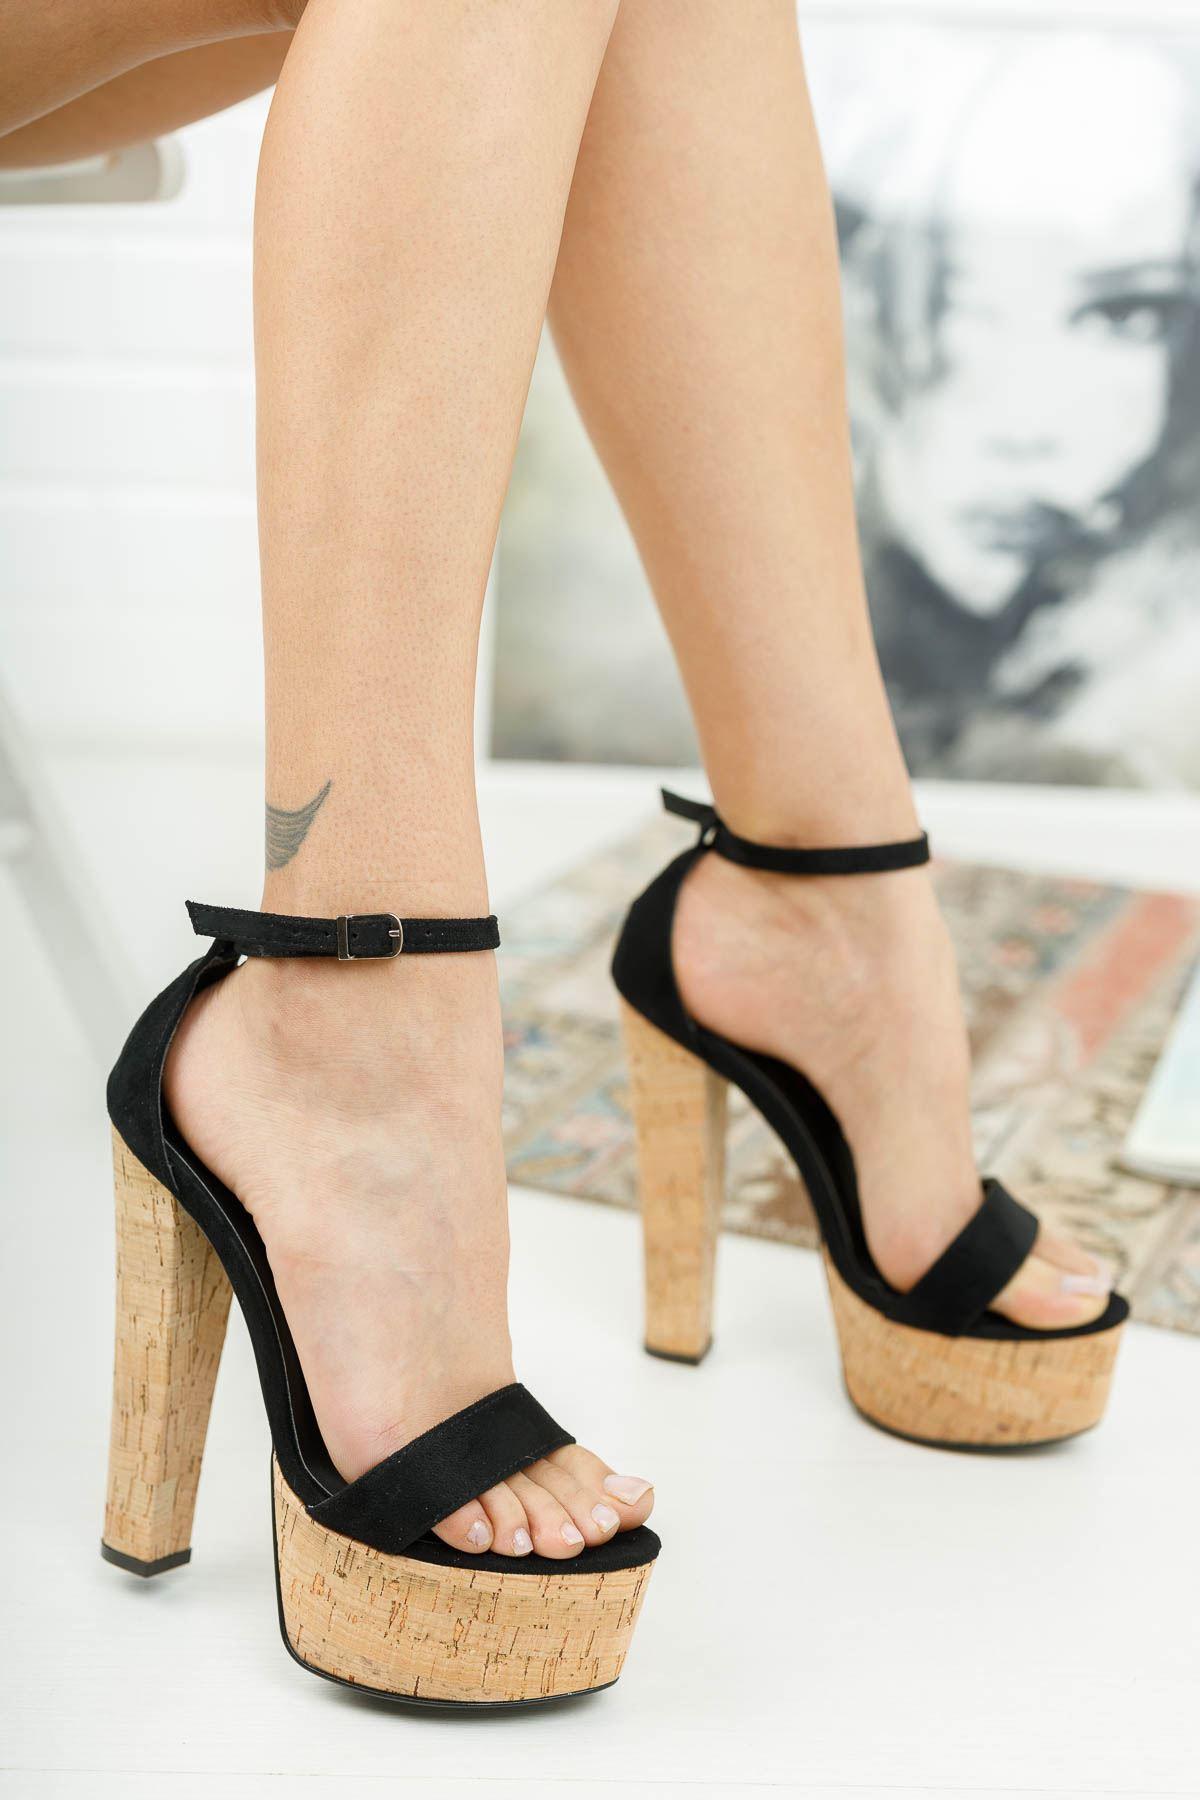 Levans Siyah Süet Mantar Yüksek Topuklu Kadın Ayakkabı